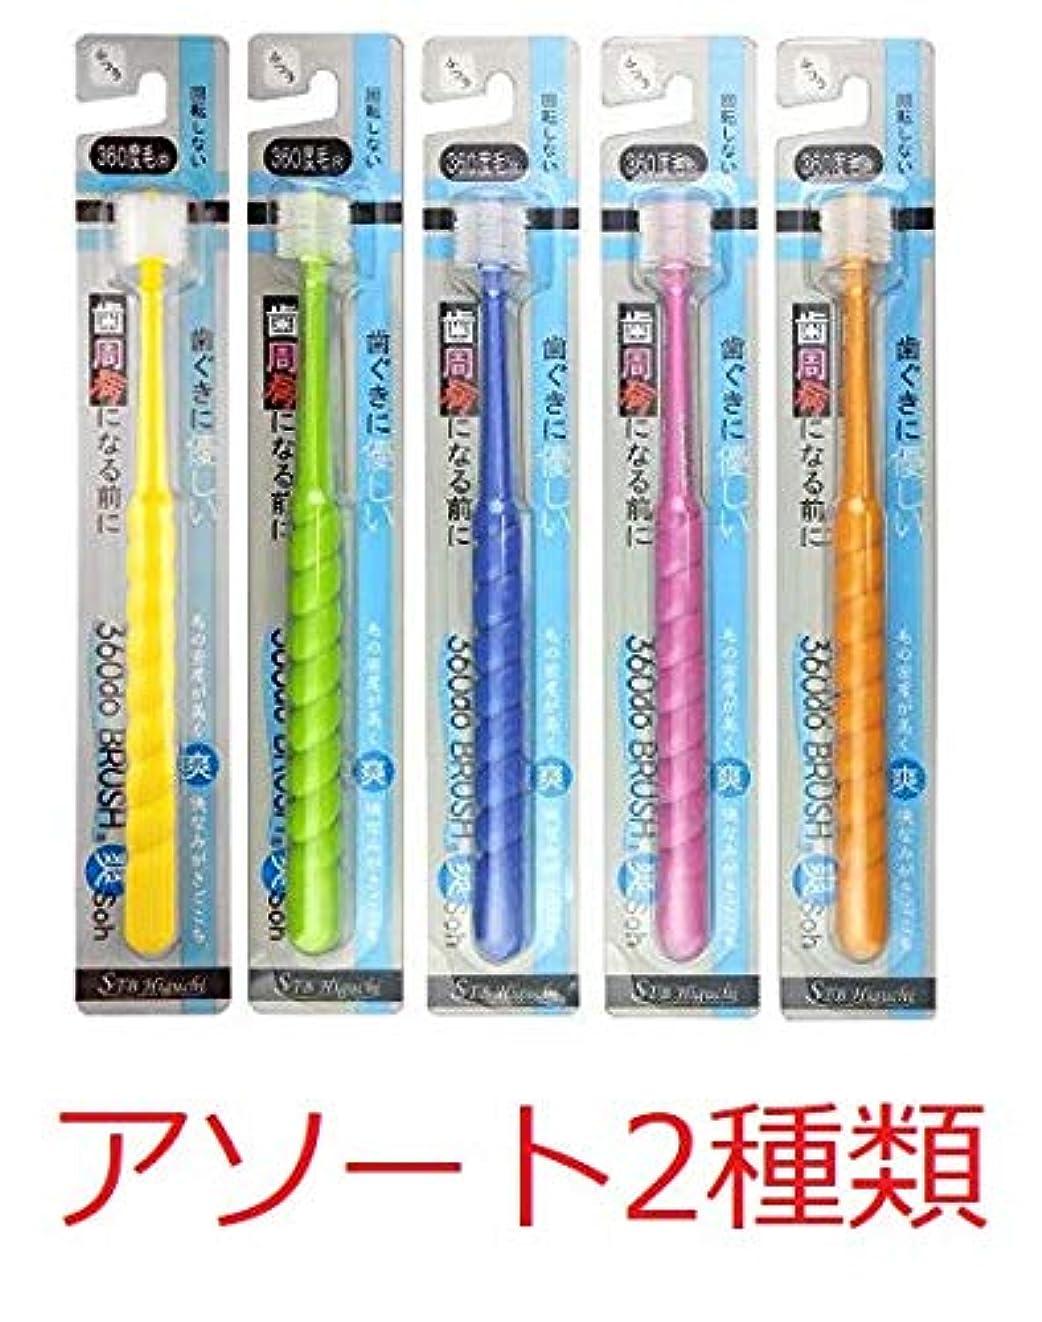 高尚な民兵レギュラー360度歯ブラシ 360do BRUSH 爽(SOH)2個セット (カラーは2色おまかせ)